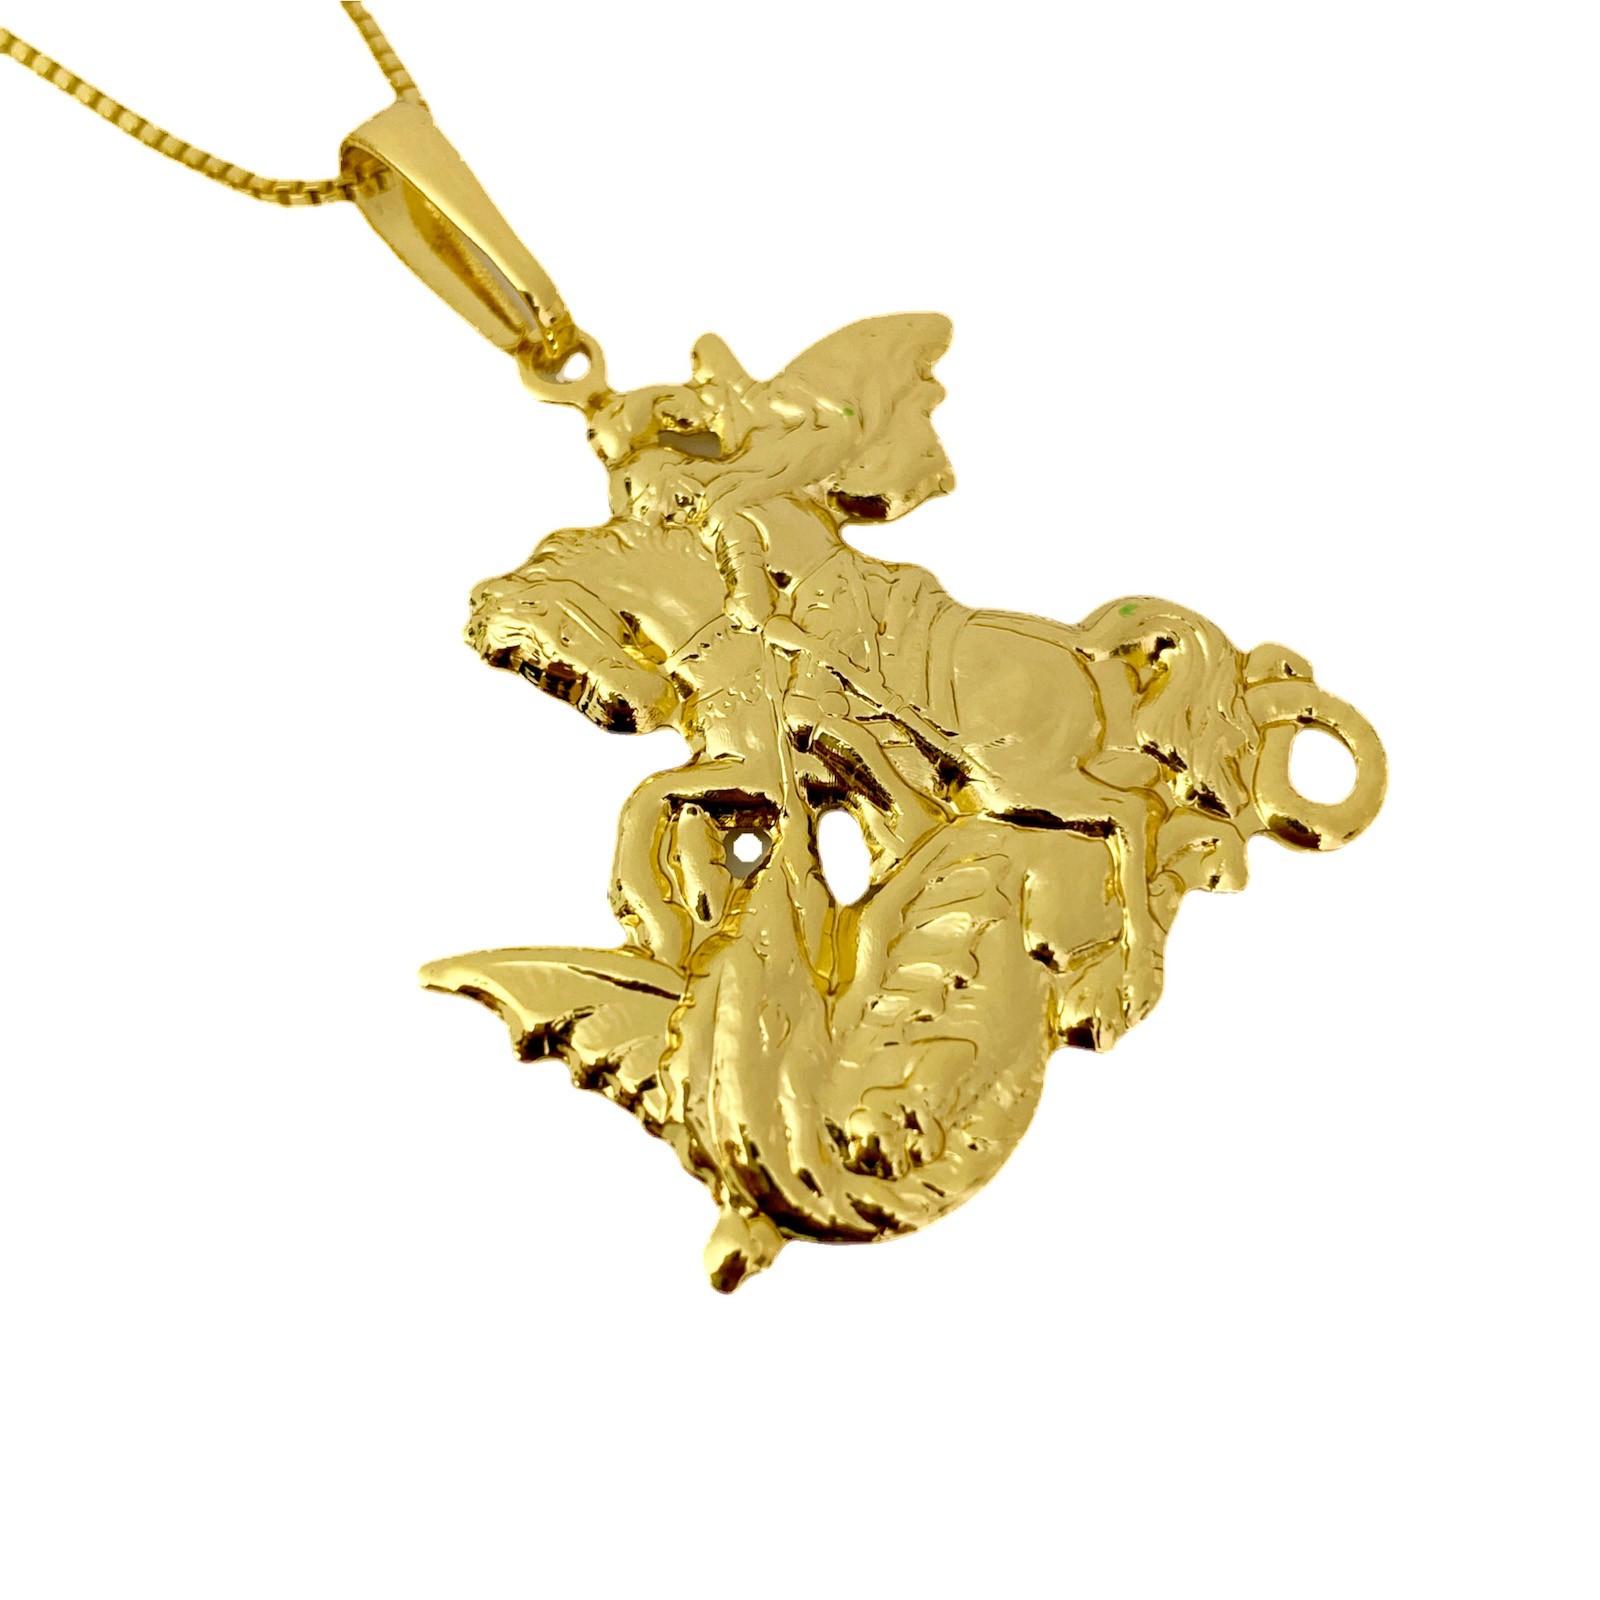 Pingente São Jorge (3,6cmX3,5cm) (Banho Ouro 24k)